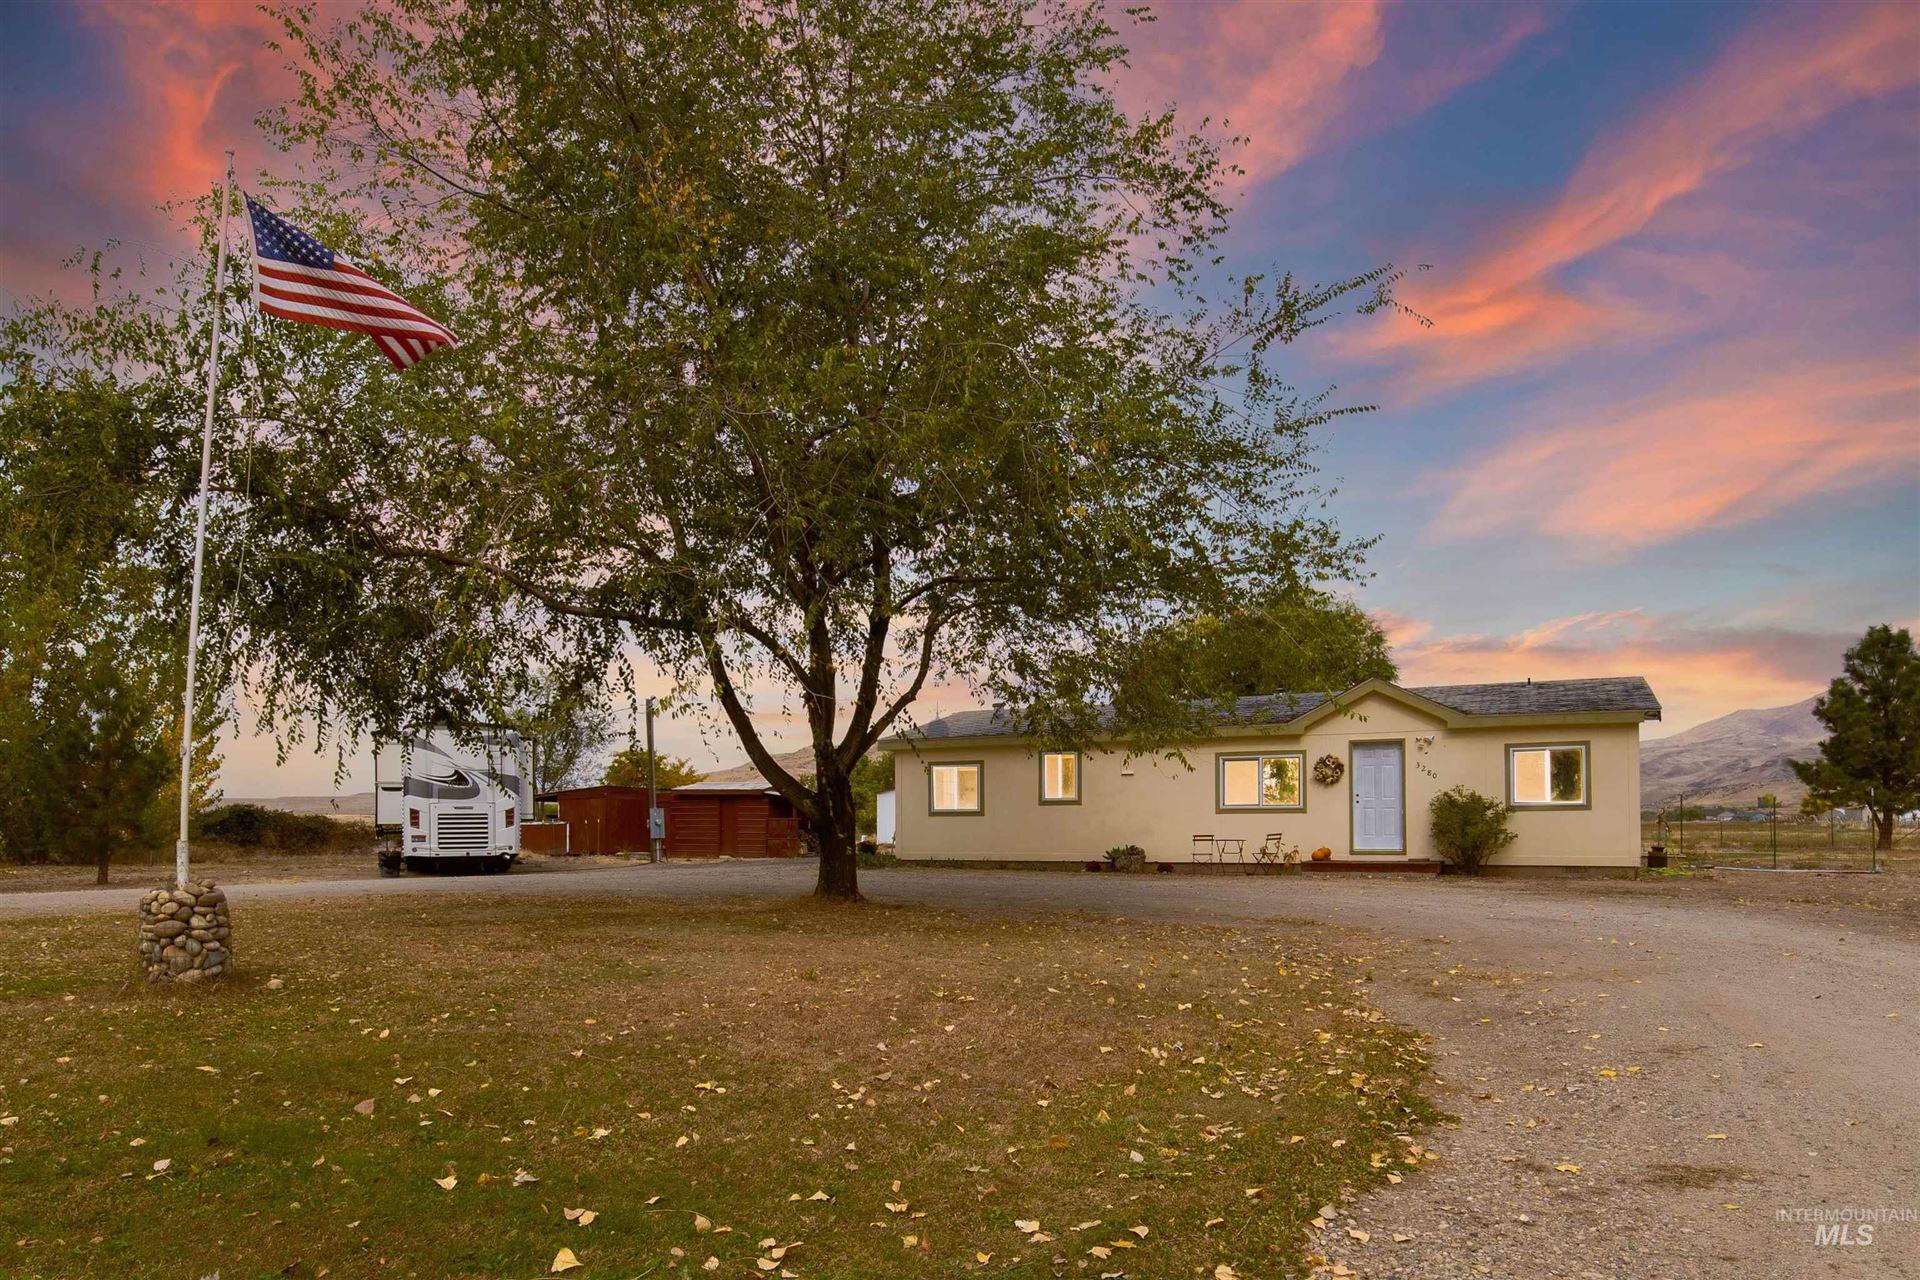 3280 Fuller Rd, Emmett, ID 83617 - MLS#: 98821604